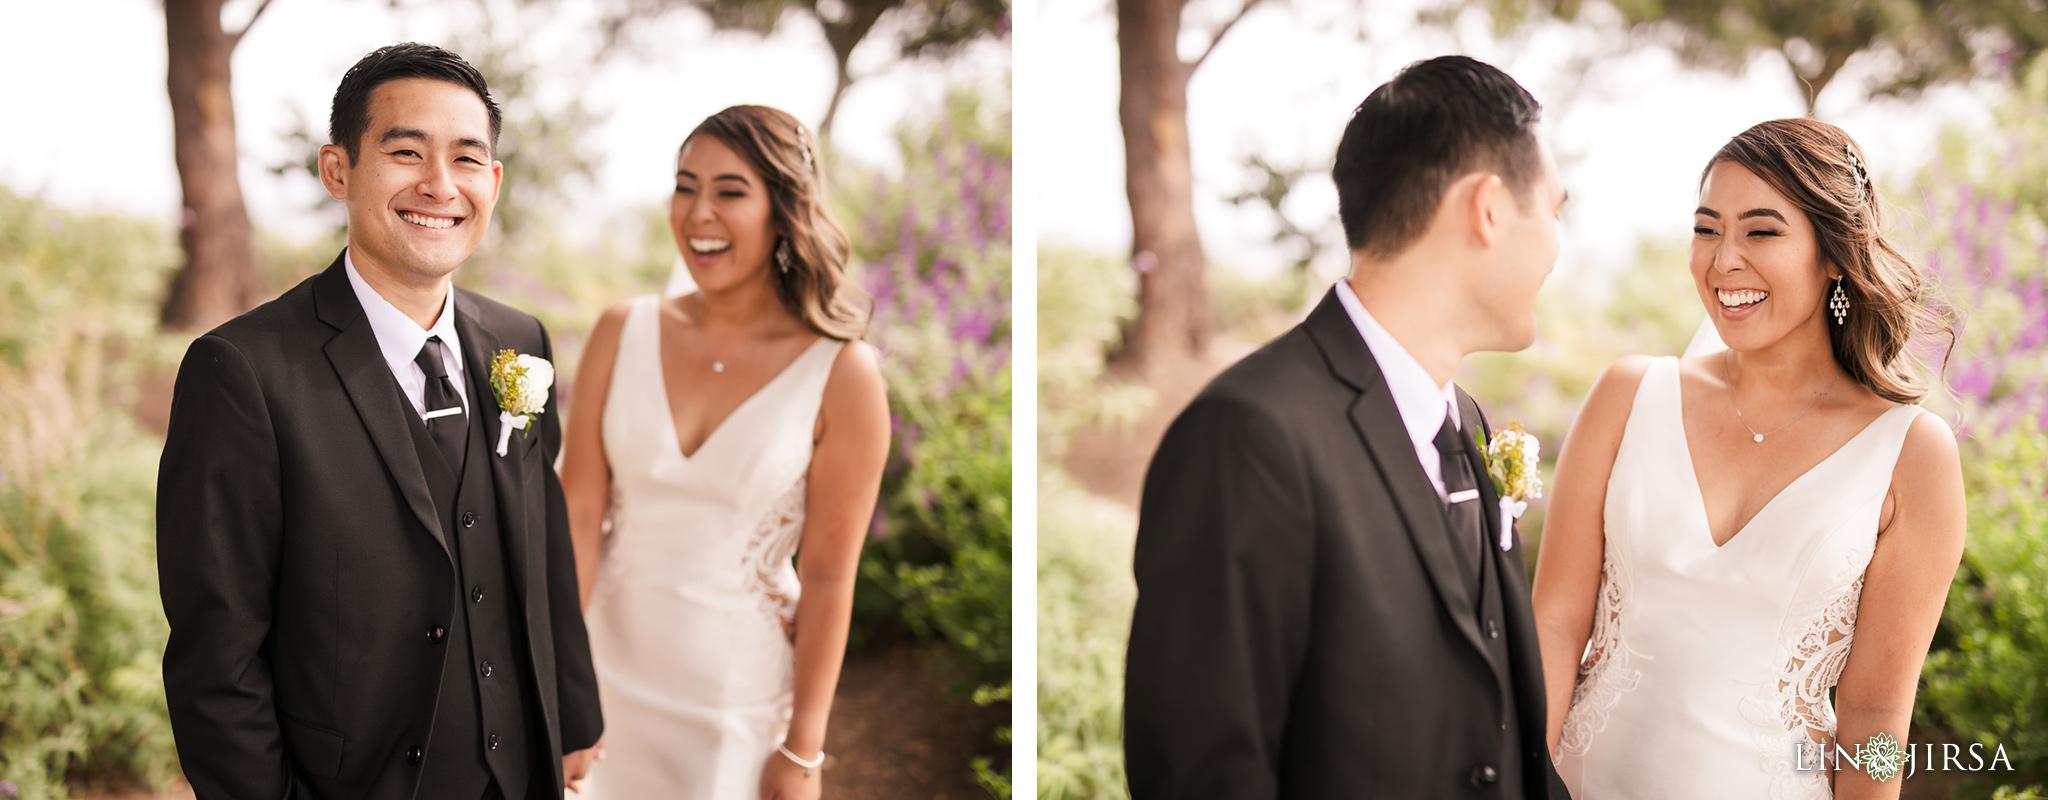 44 Coto de Caza Golf Club Wedding Photography